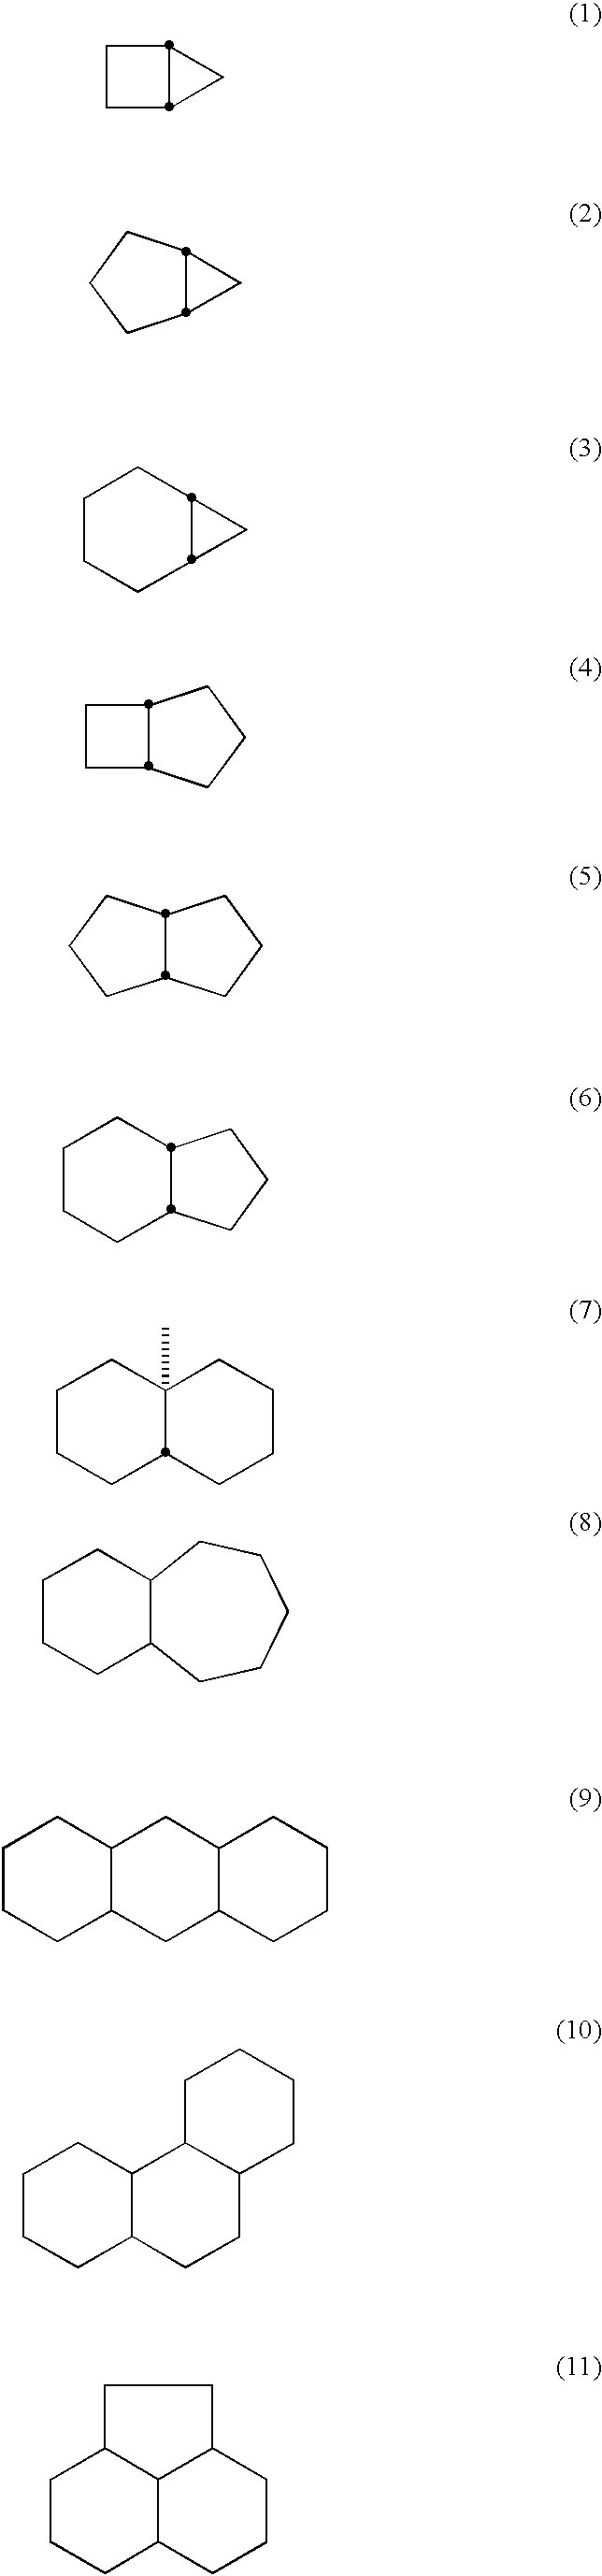 Figure US20030186161A1-20031002-C00053